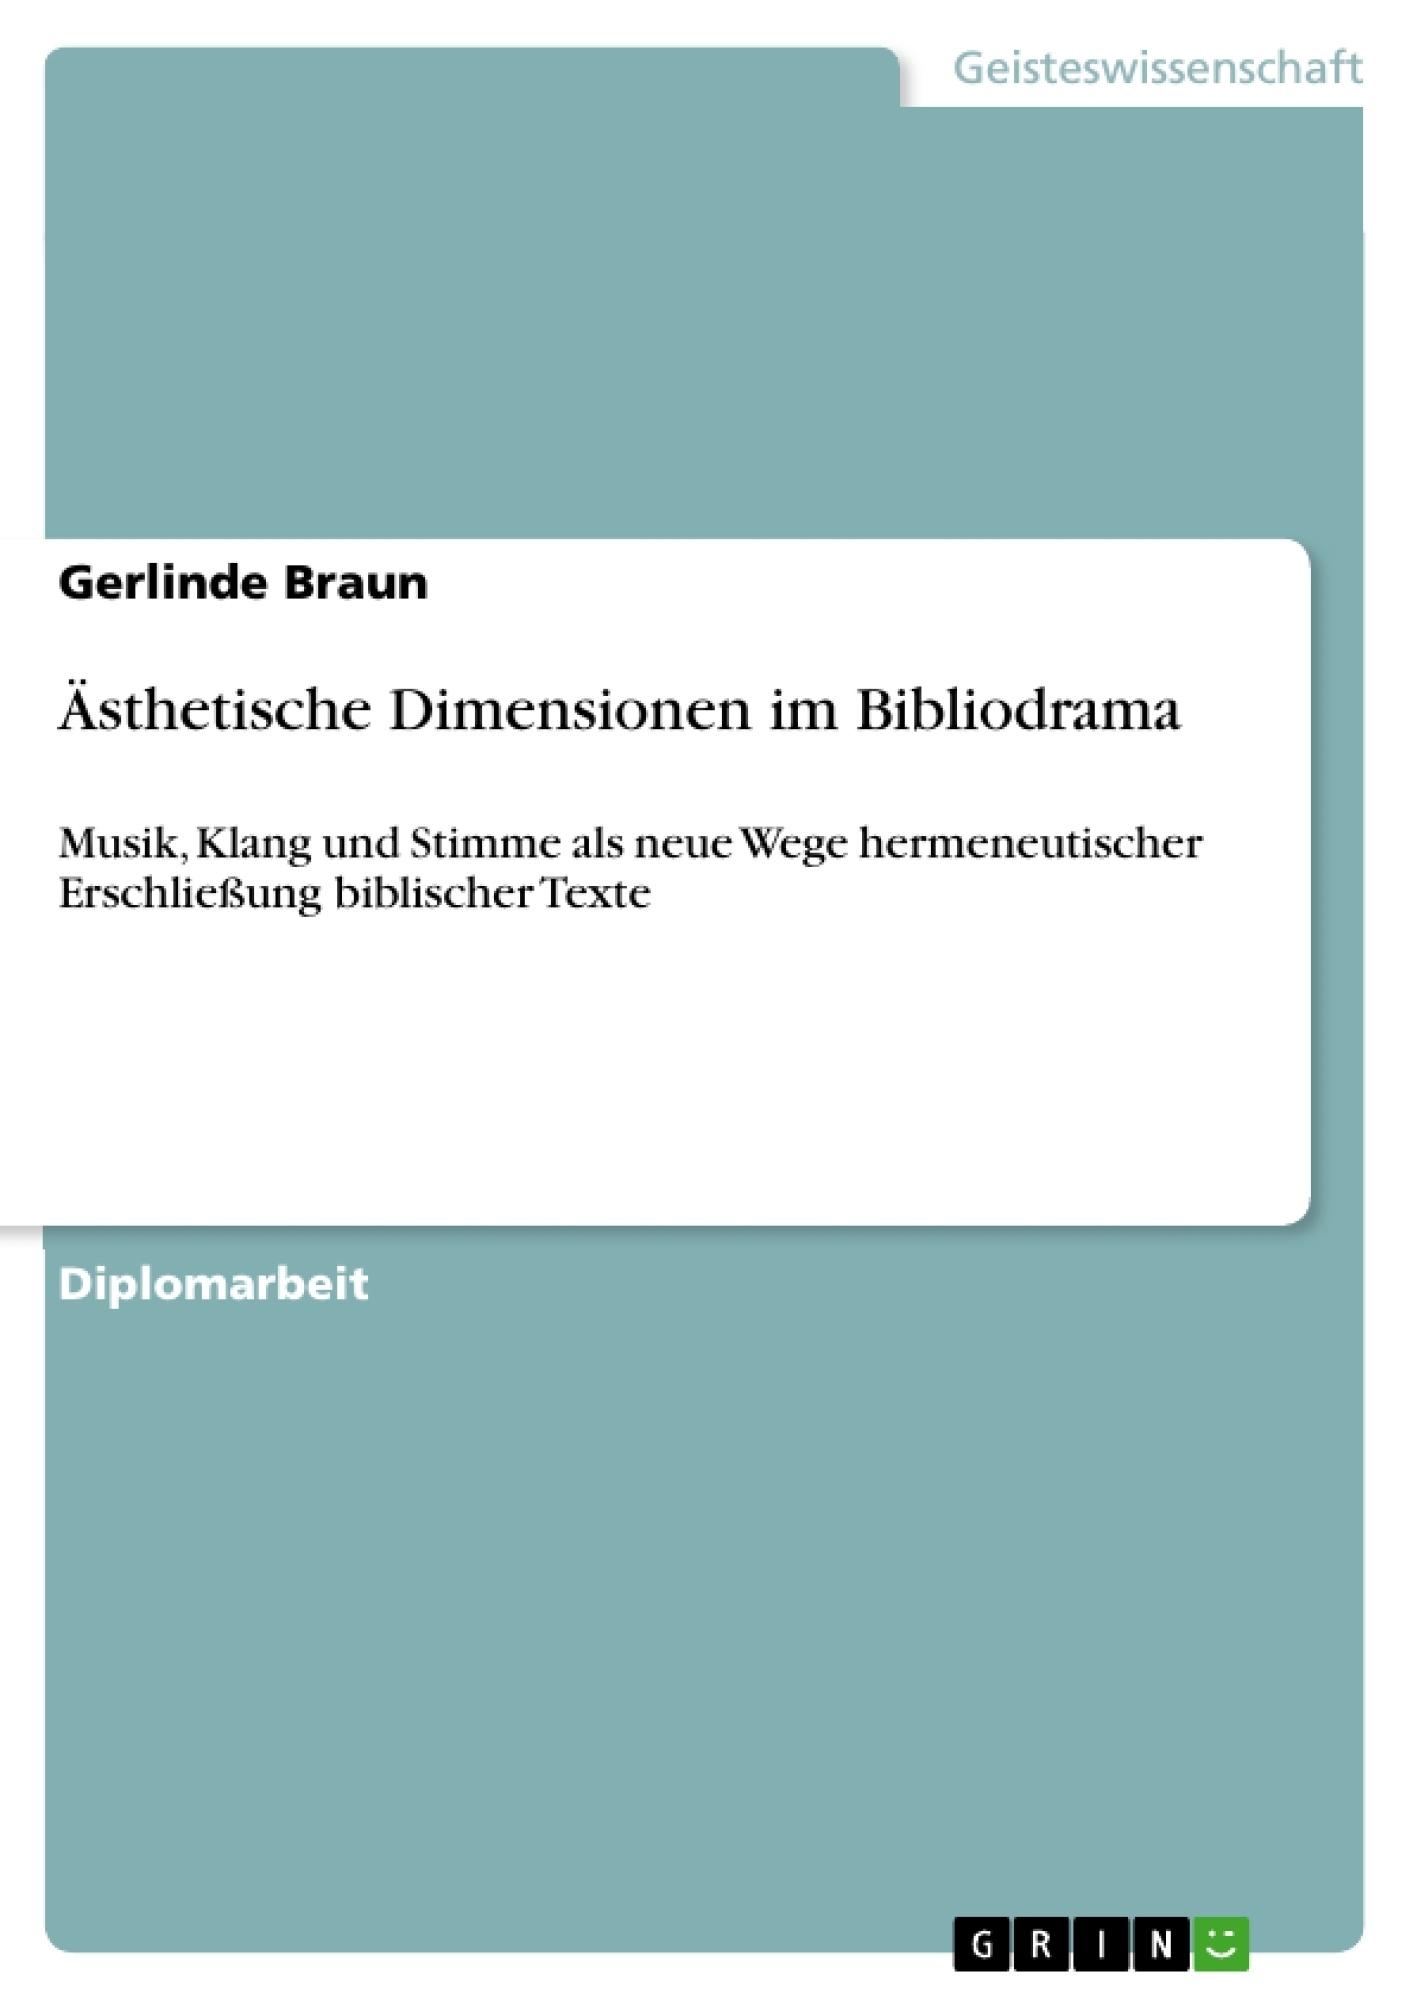 Titel: Ästhetische Dimensionen im Bibliodrama